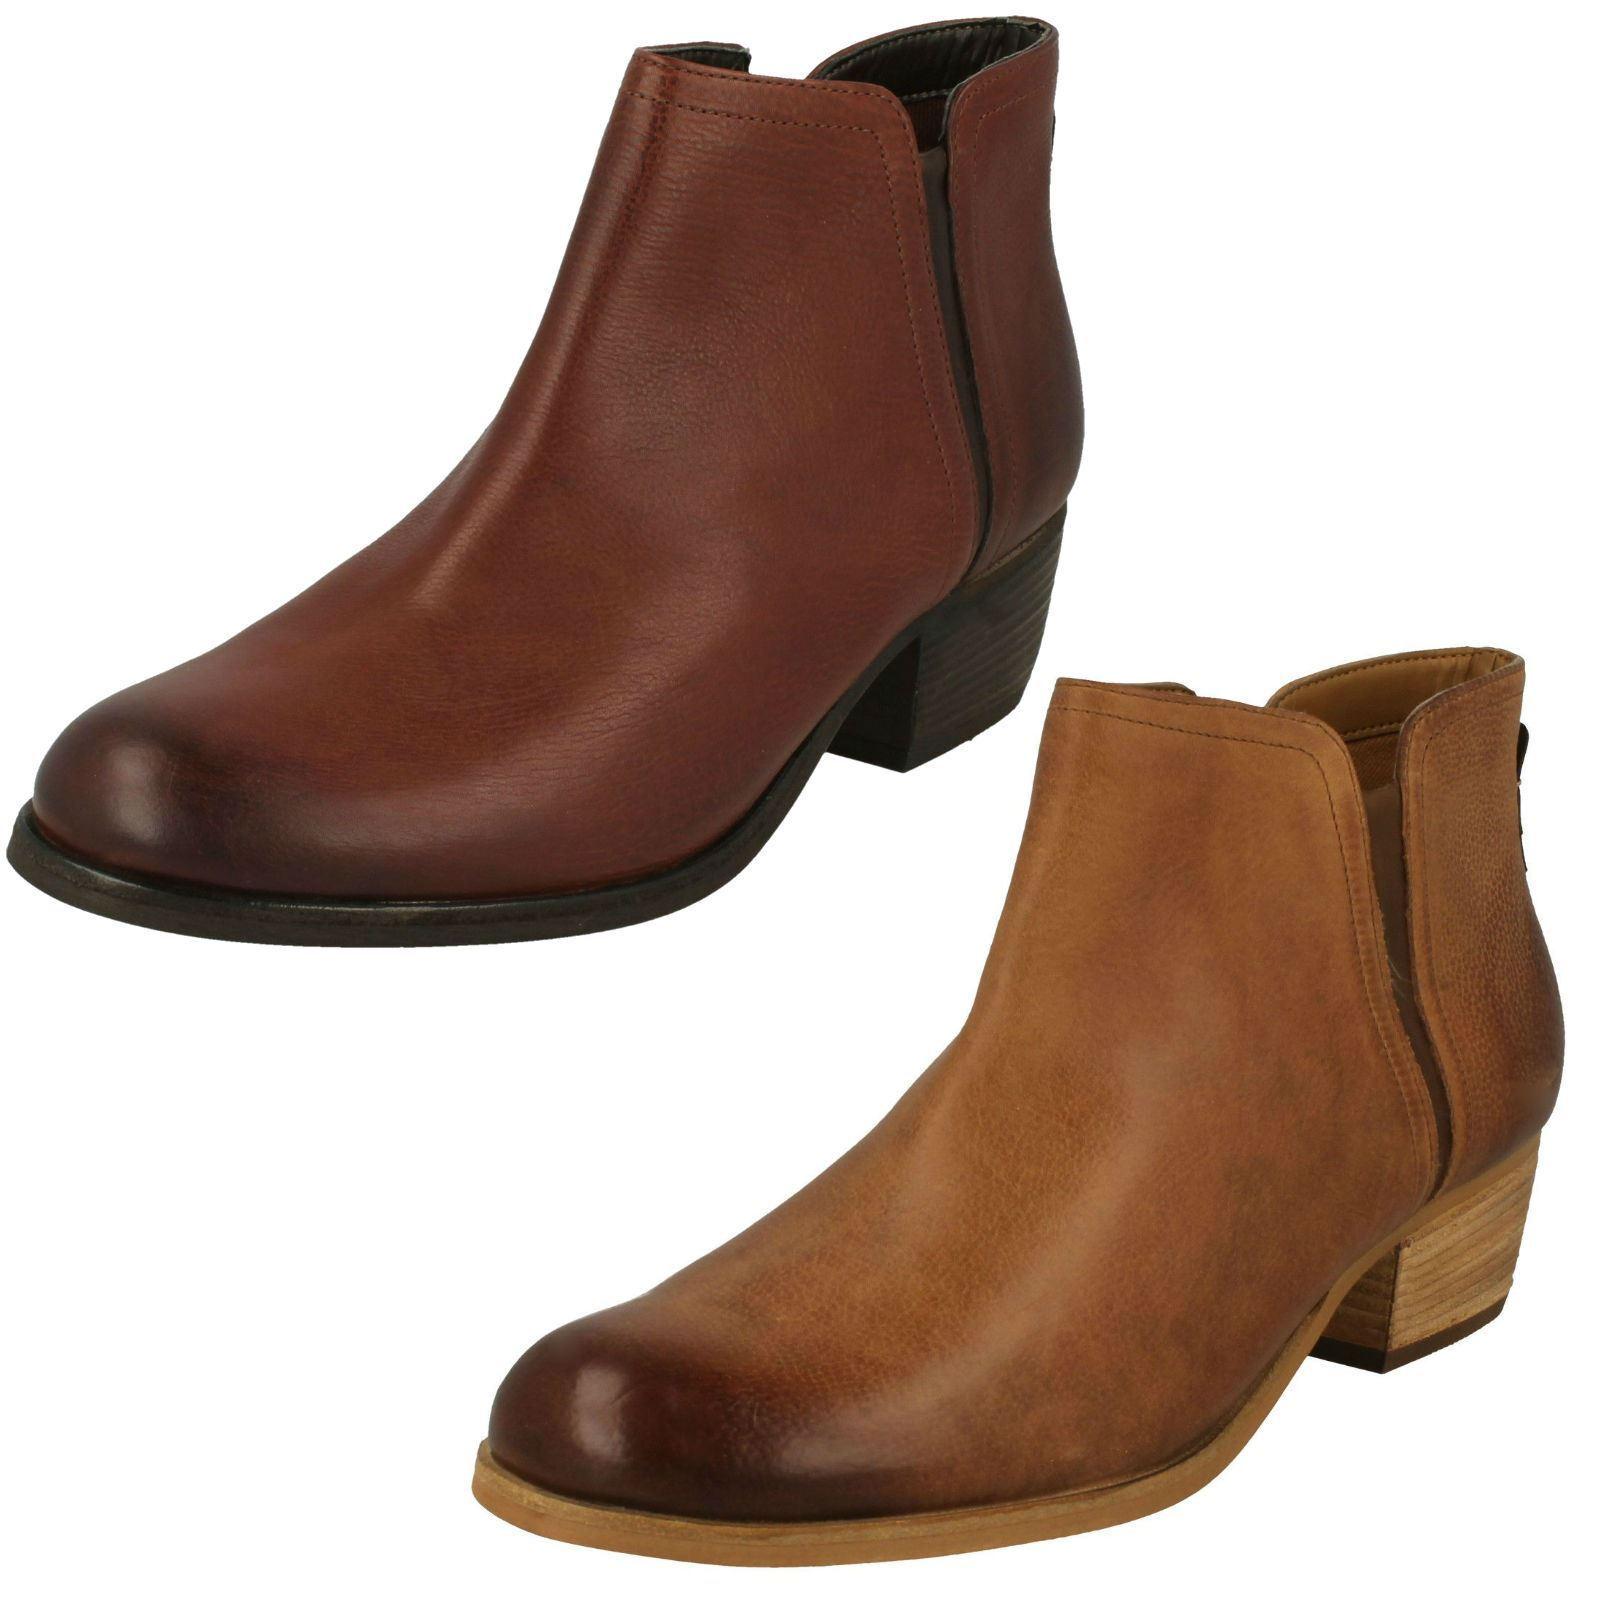 Ladies Clarks Zip Fastening Leather Chelsea Boots - 'Maypearl Ramie'